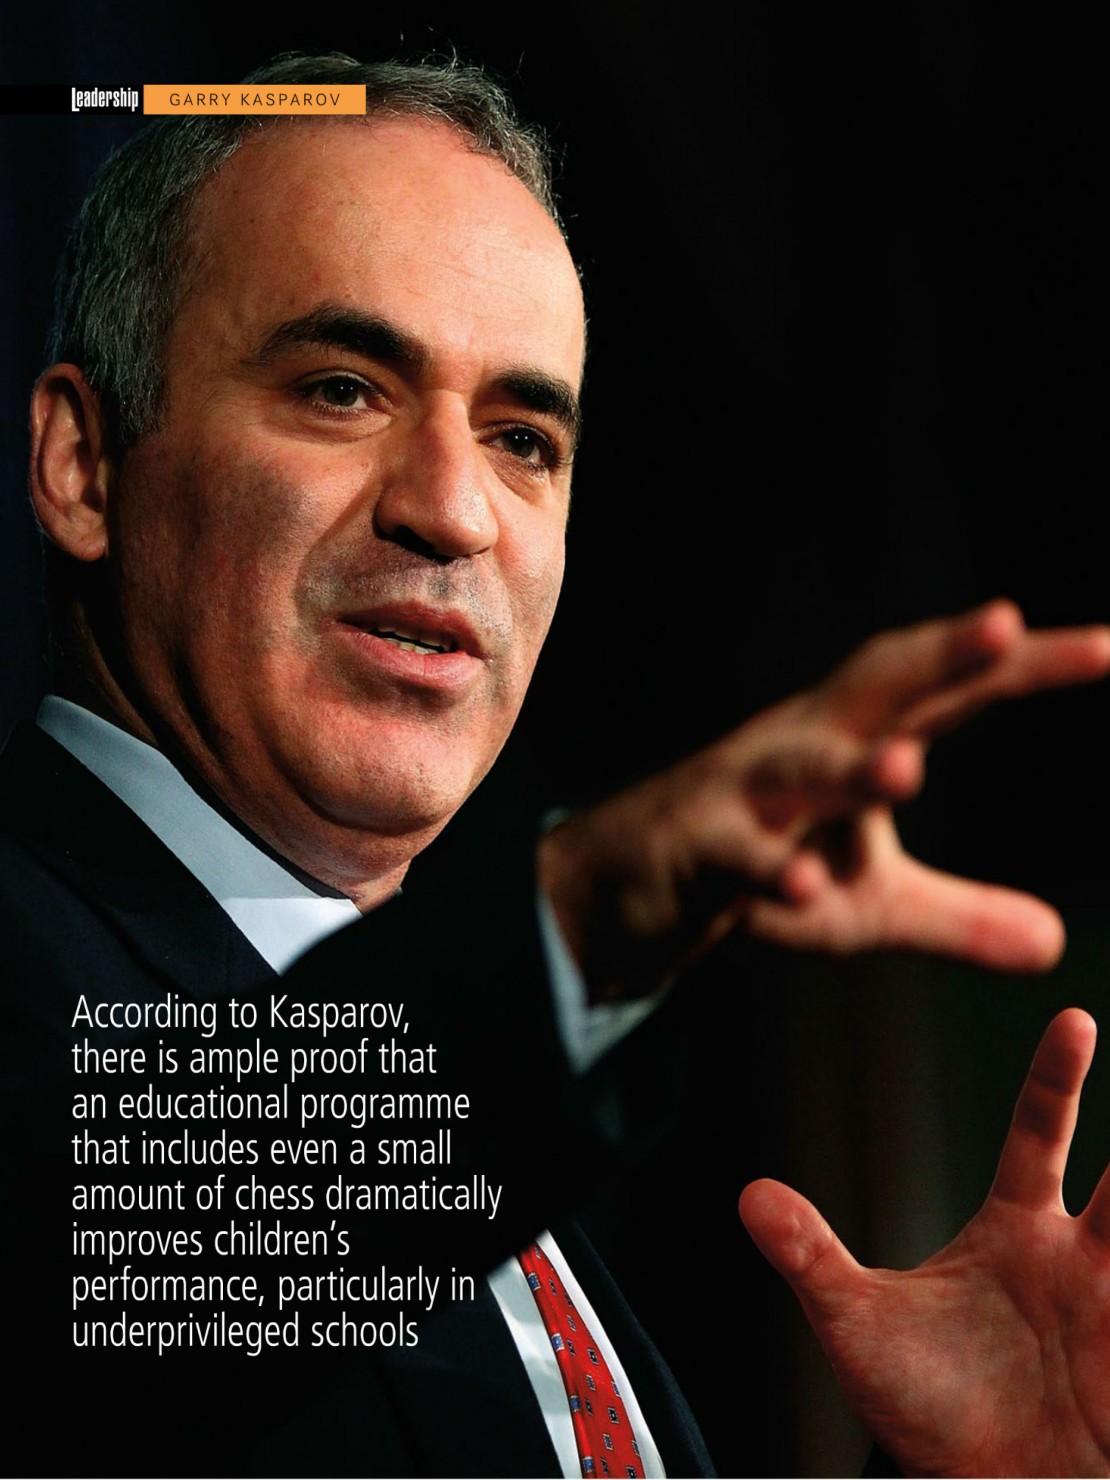 Giordano-Kasparov-1.jpg